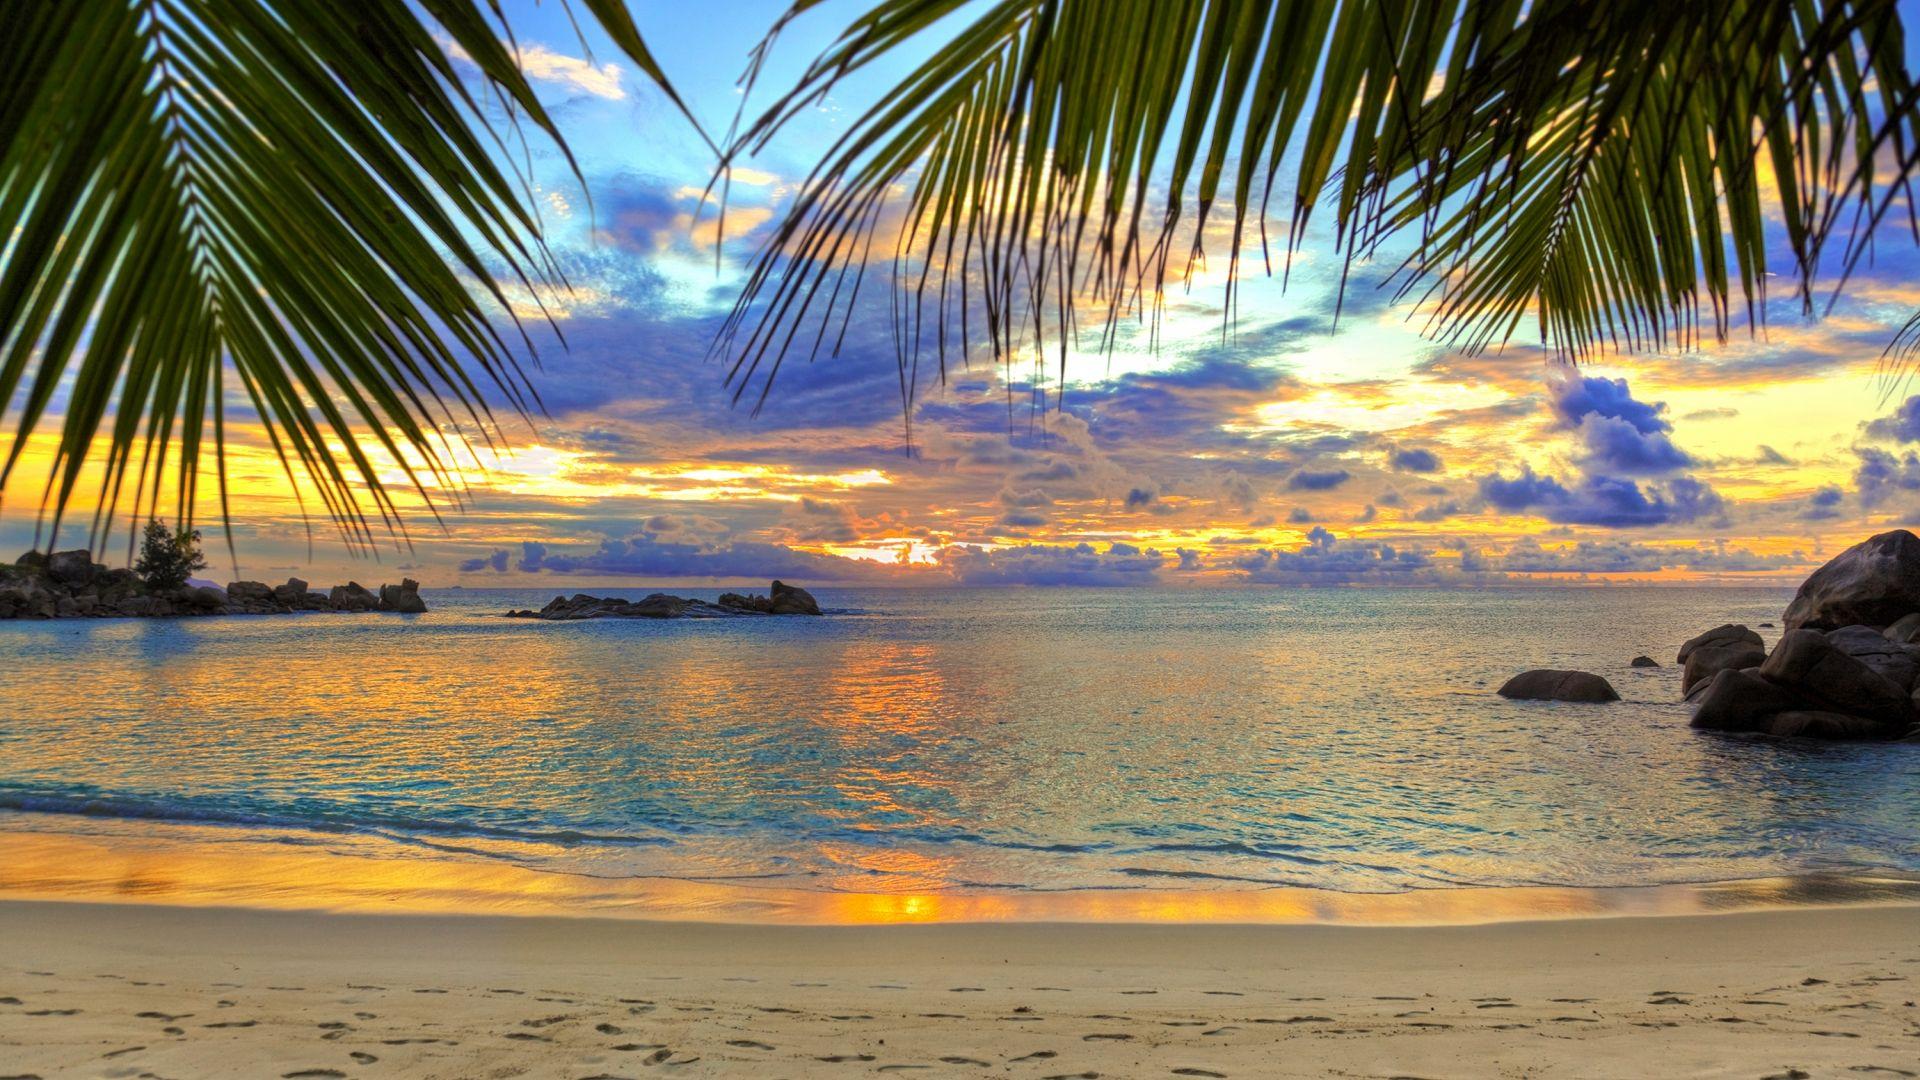 Aloha HD 1080 wallpaper